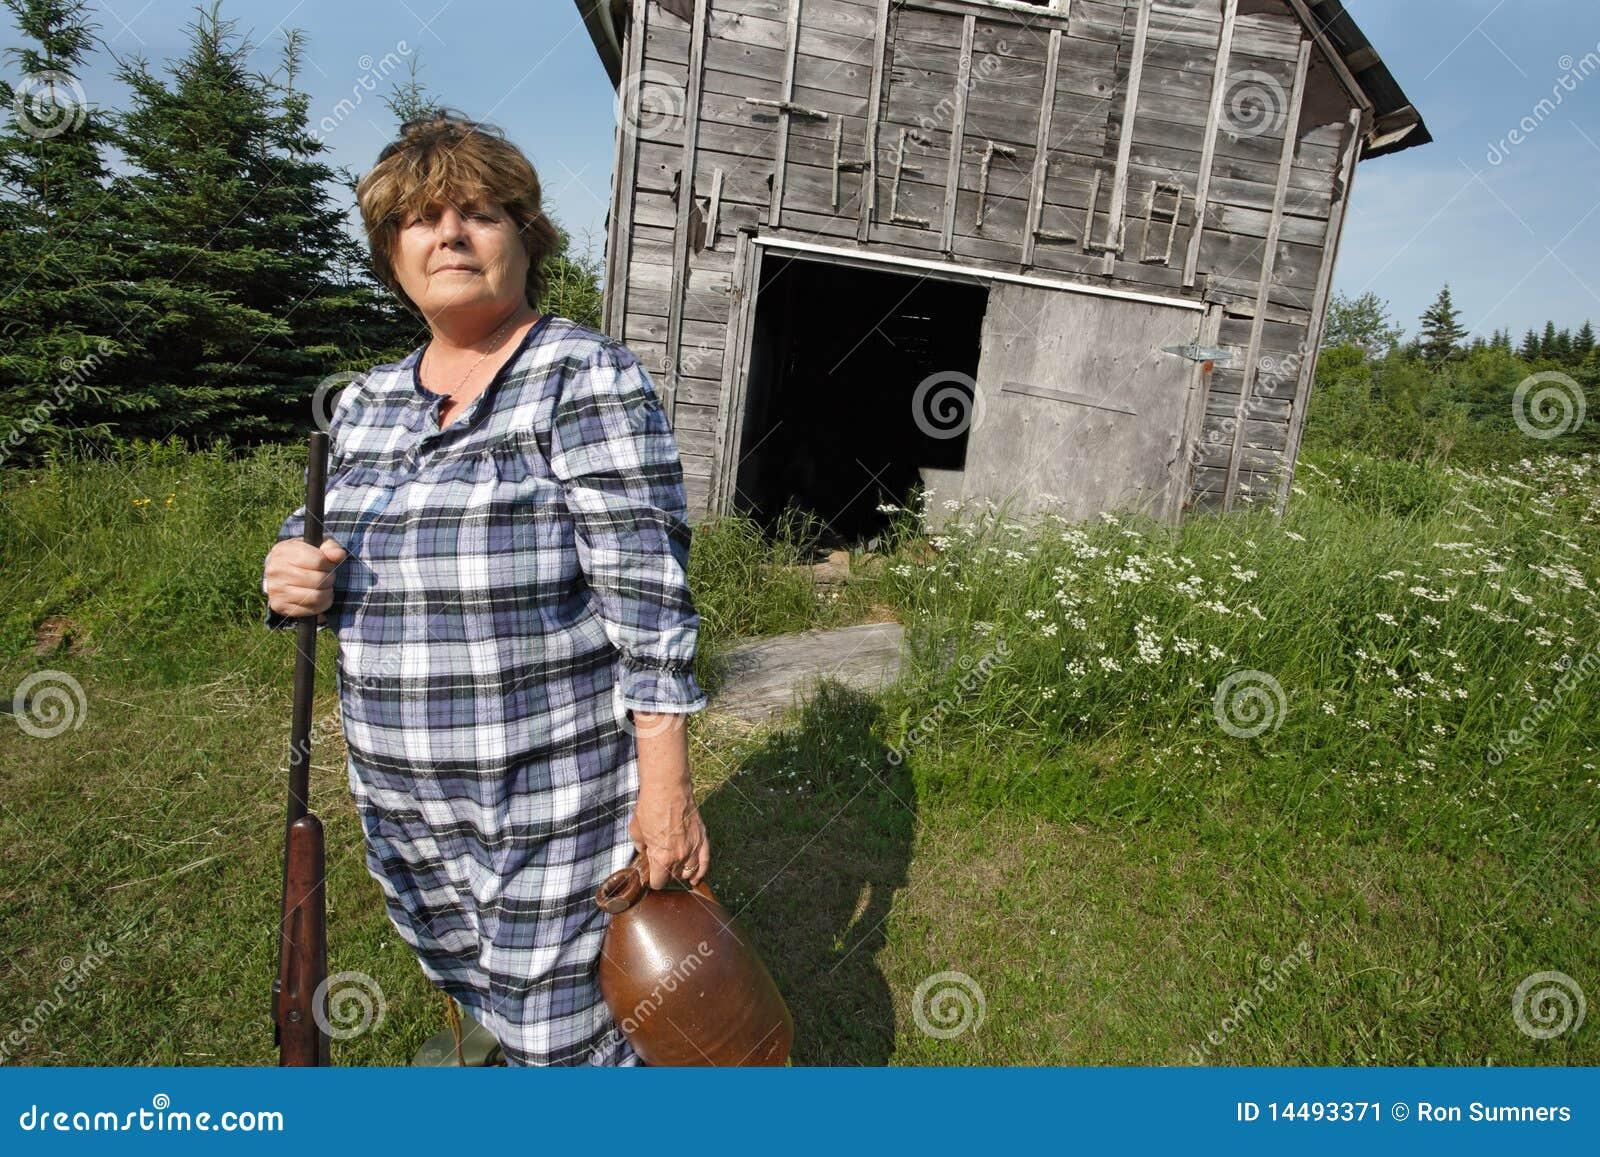 redneck women with guns